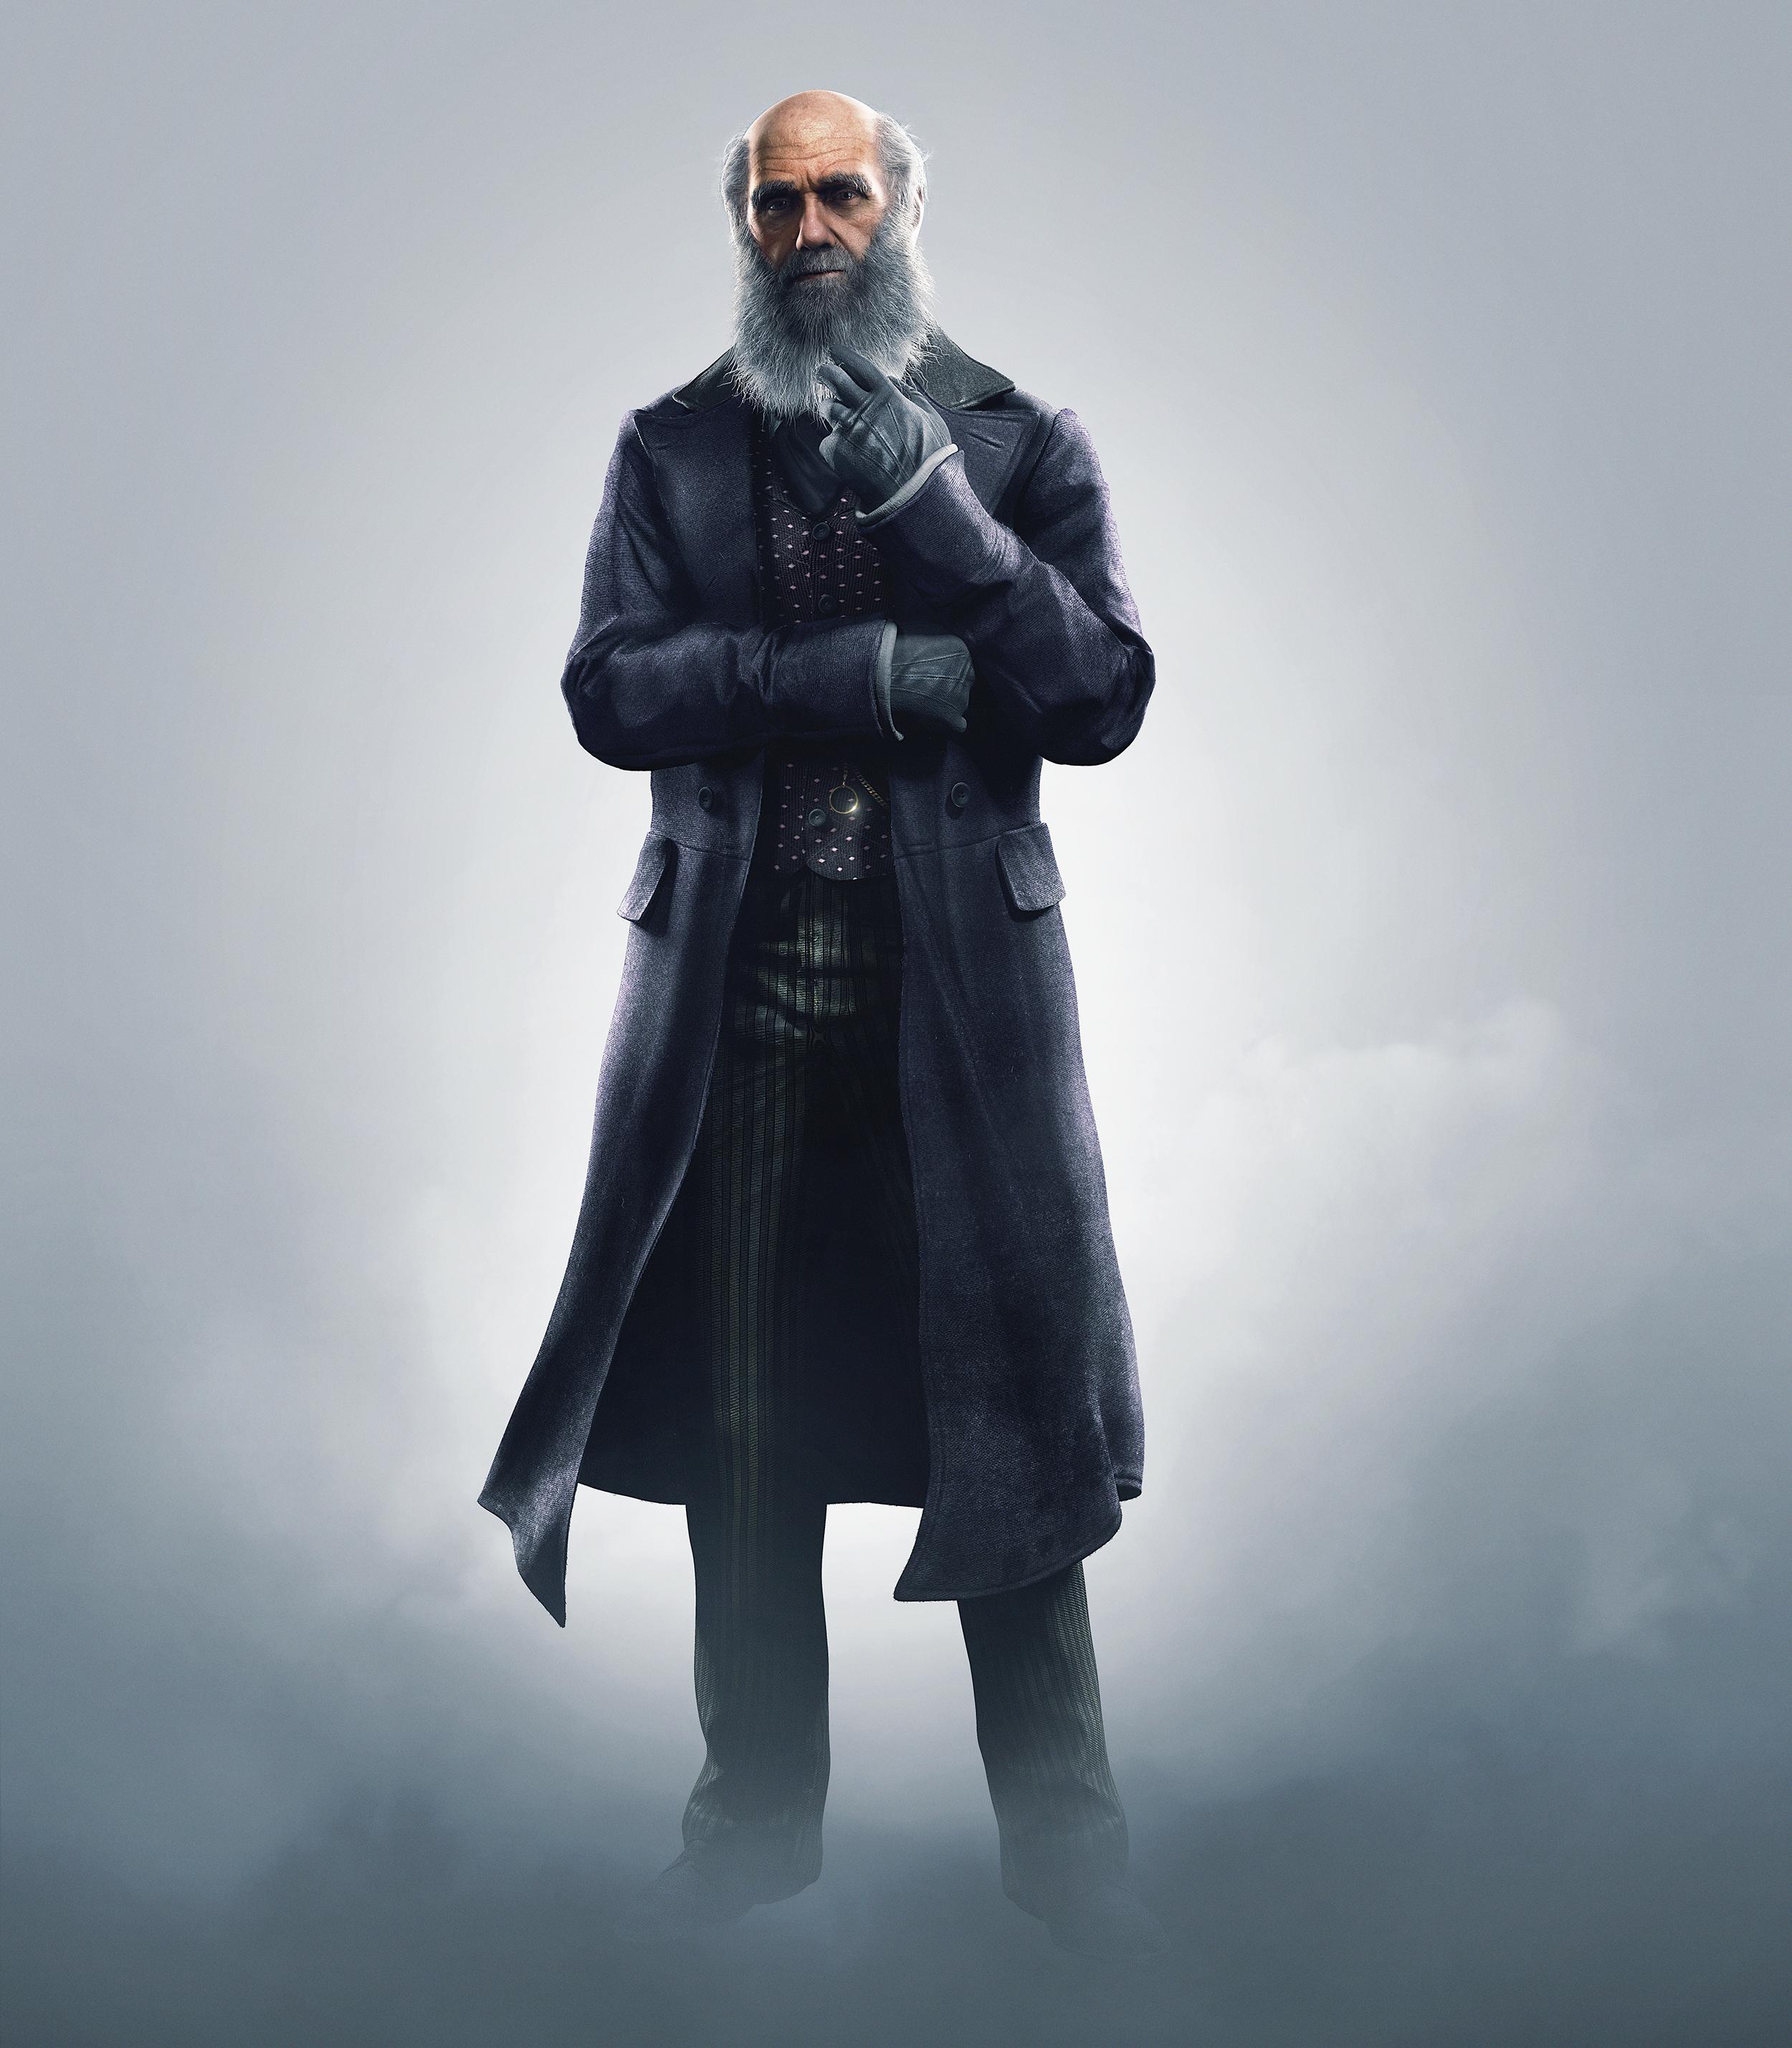 Historické osobnosti v Assassin's Creed: Syndicate 114891